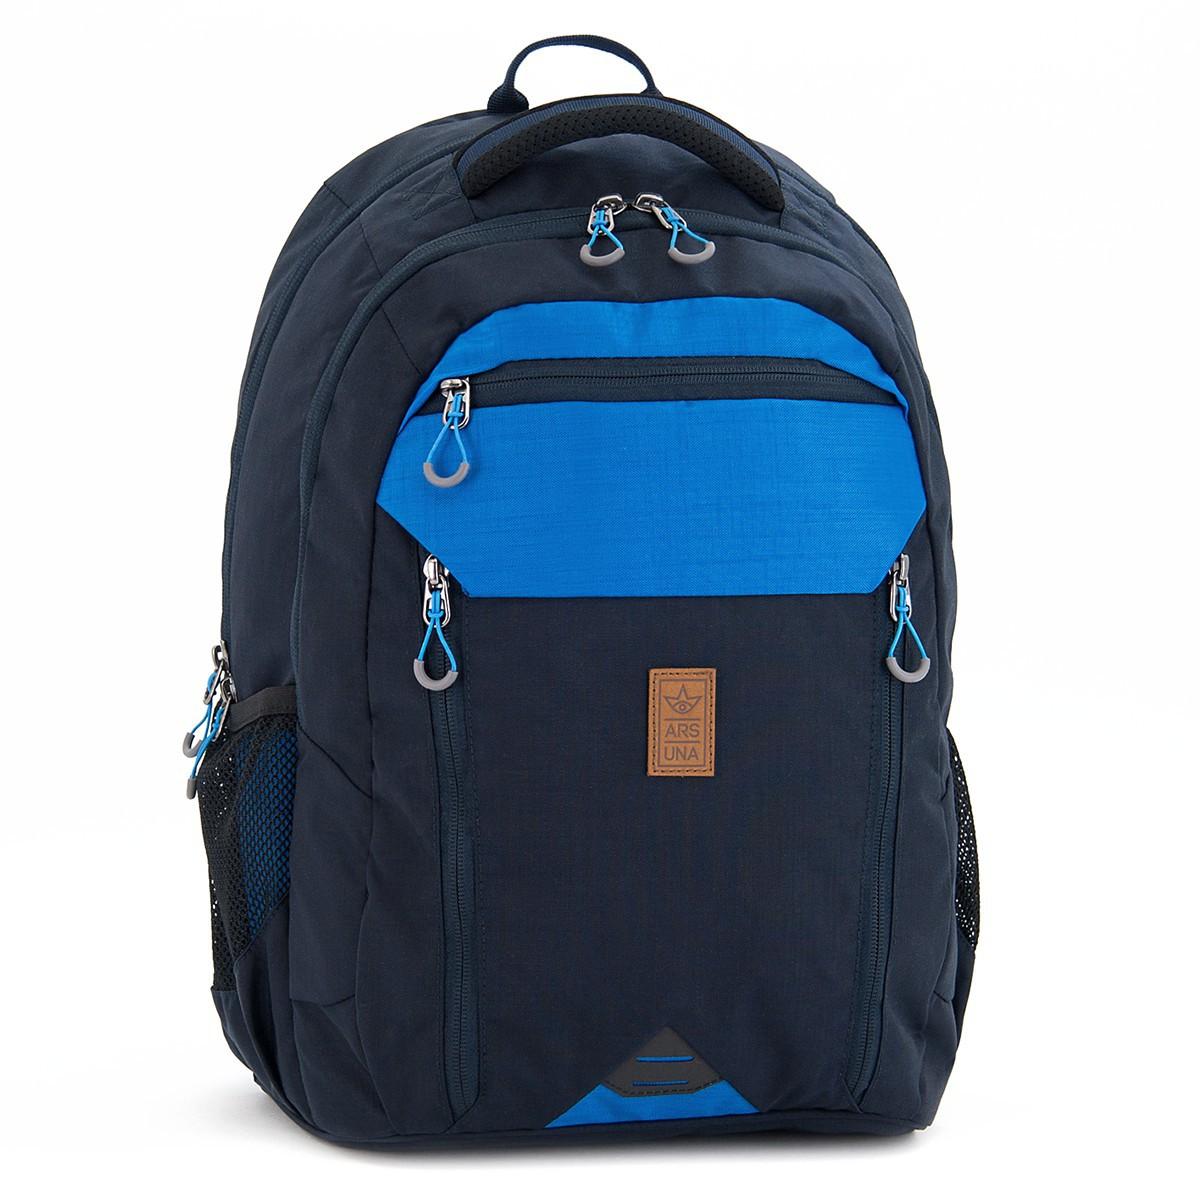 75d5ee612995 ARS UNA 05 ergonomikus hátizsák, iskolatáska 91315298 Táska, sulis  felszerelés